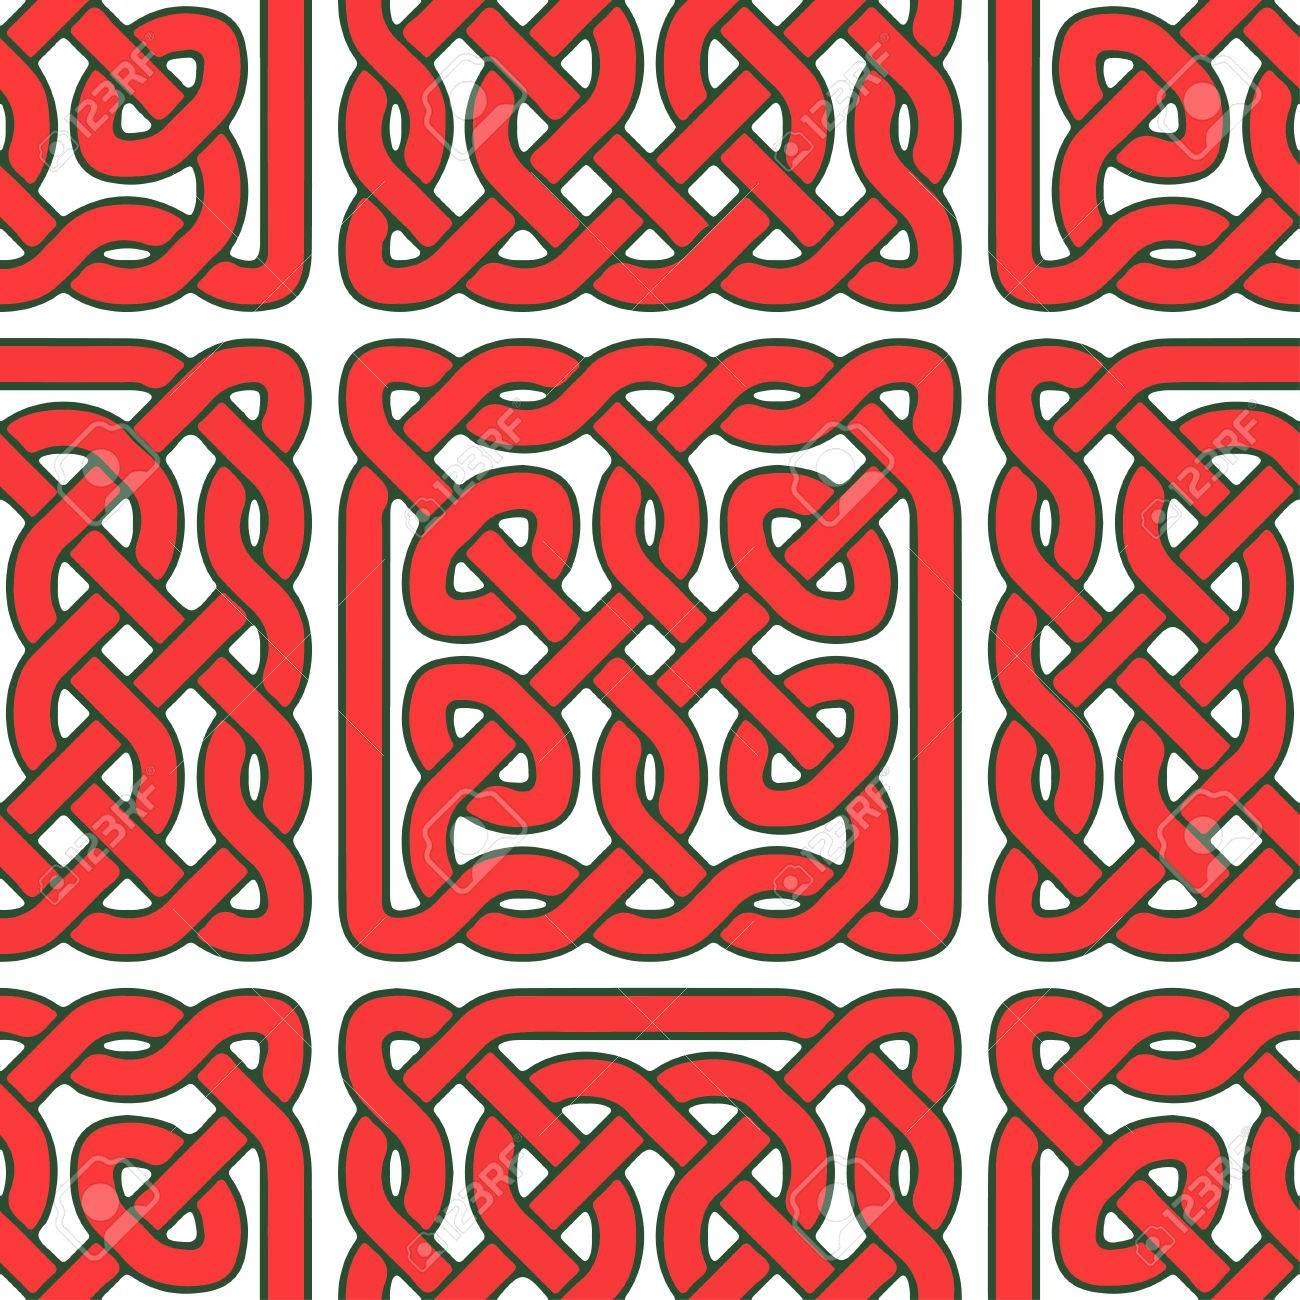 Nahtlose Keltische Oder Skandinavischen Muster, Illustration Für  Verzierten, Textil , Tapeten Oder Verpackung